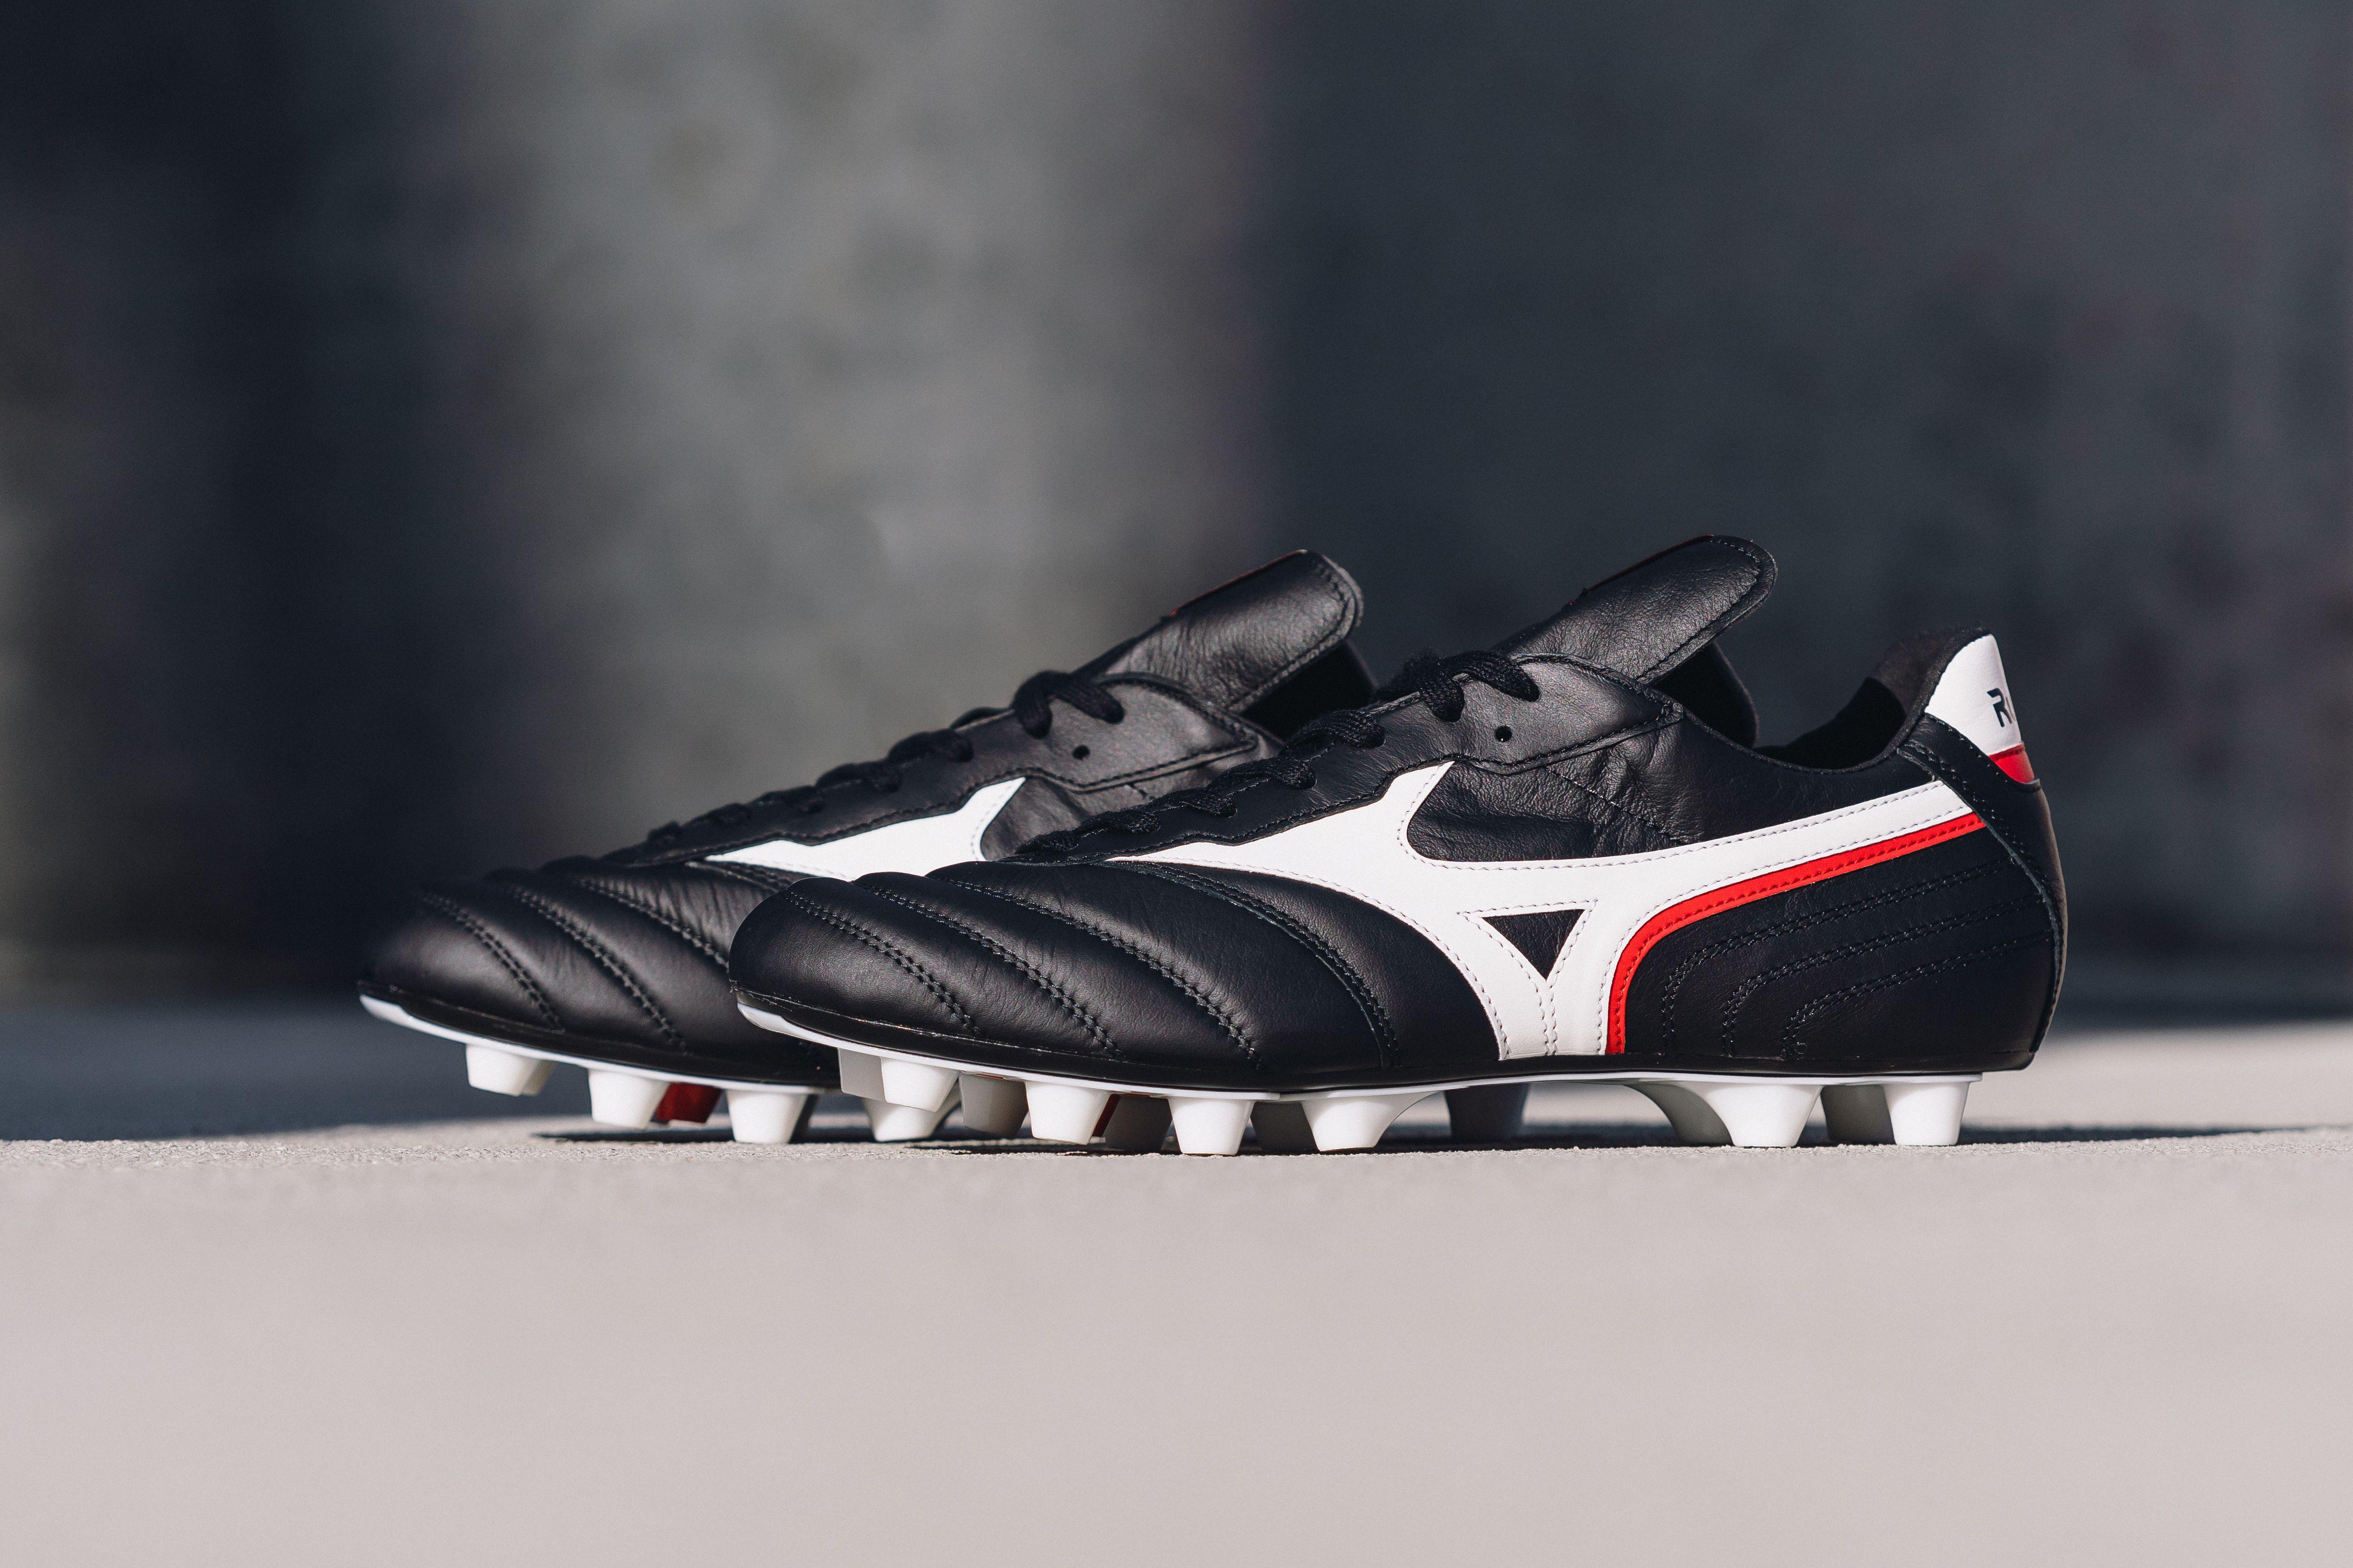 mizuno soccer shoes morelia originales